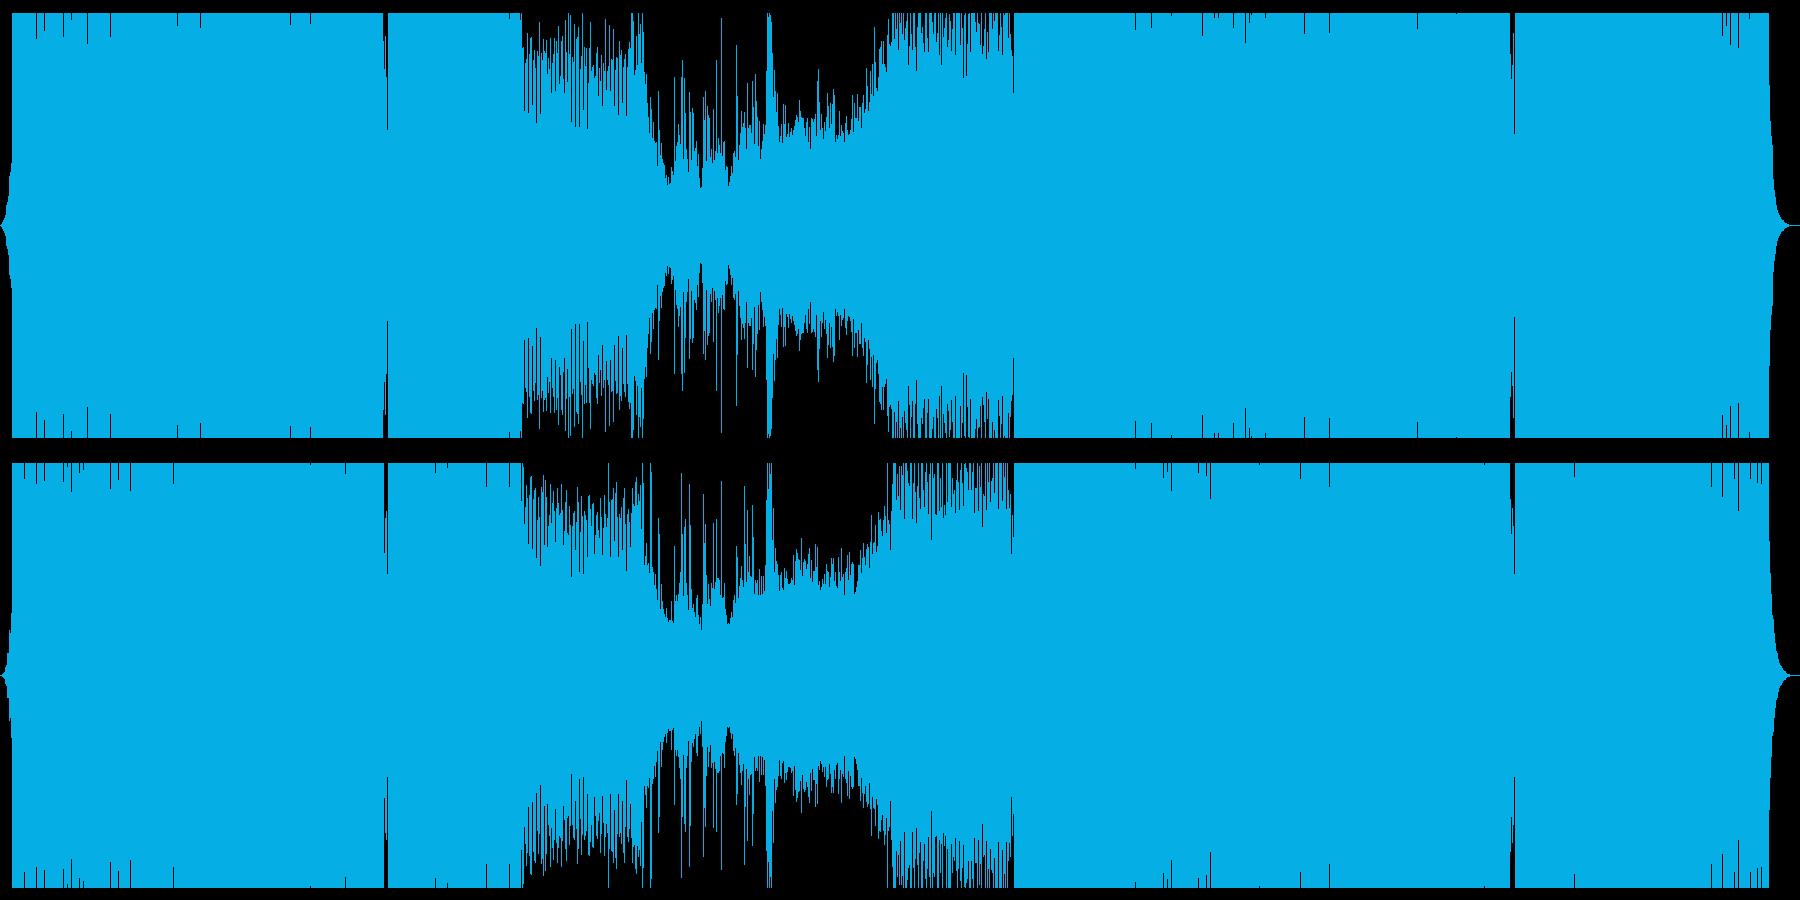 切なく浮遊感の在るプログレッシブハウス。の再生済みの波形